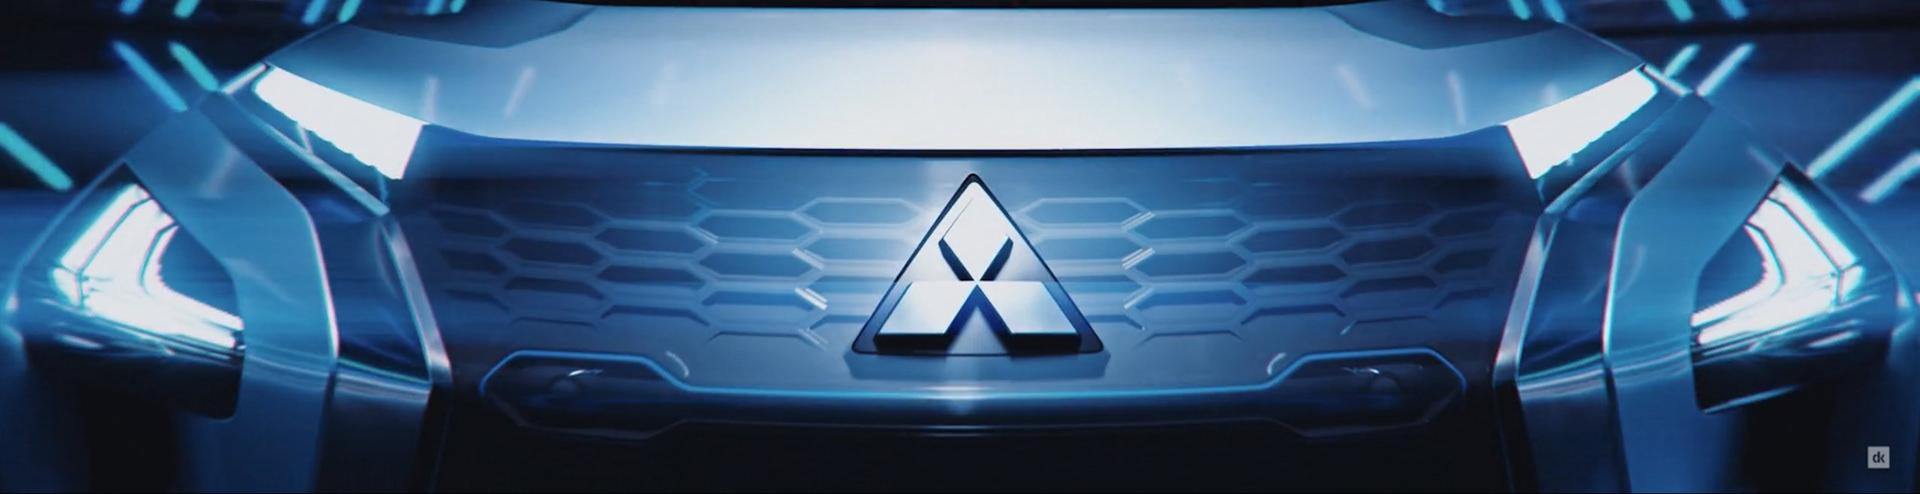 Mitsubishi_eEvolution_05